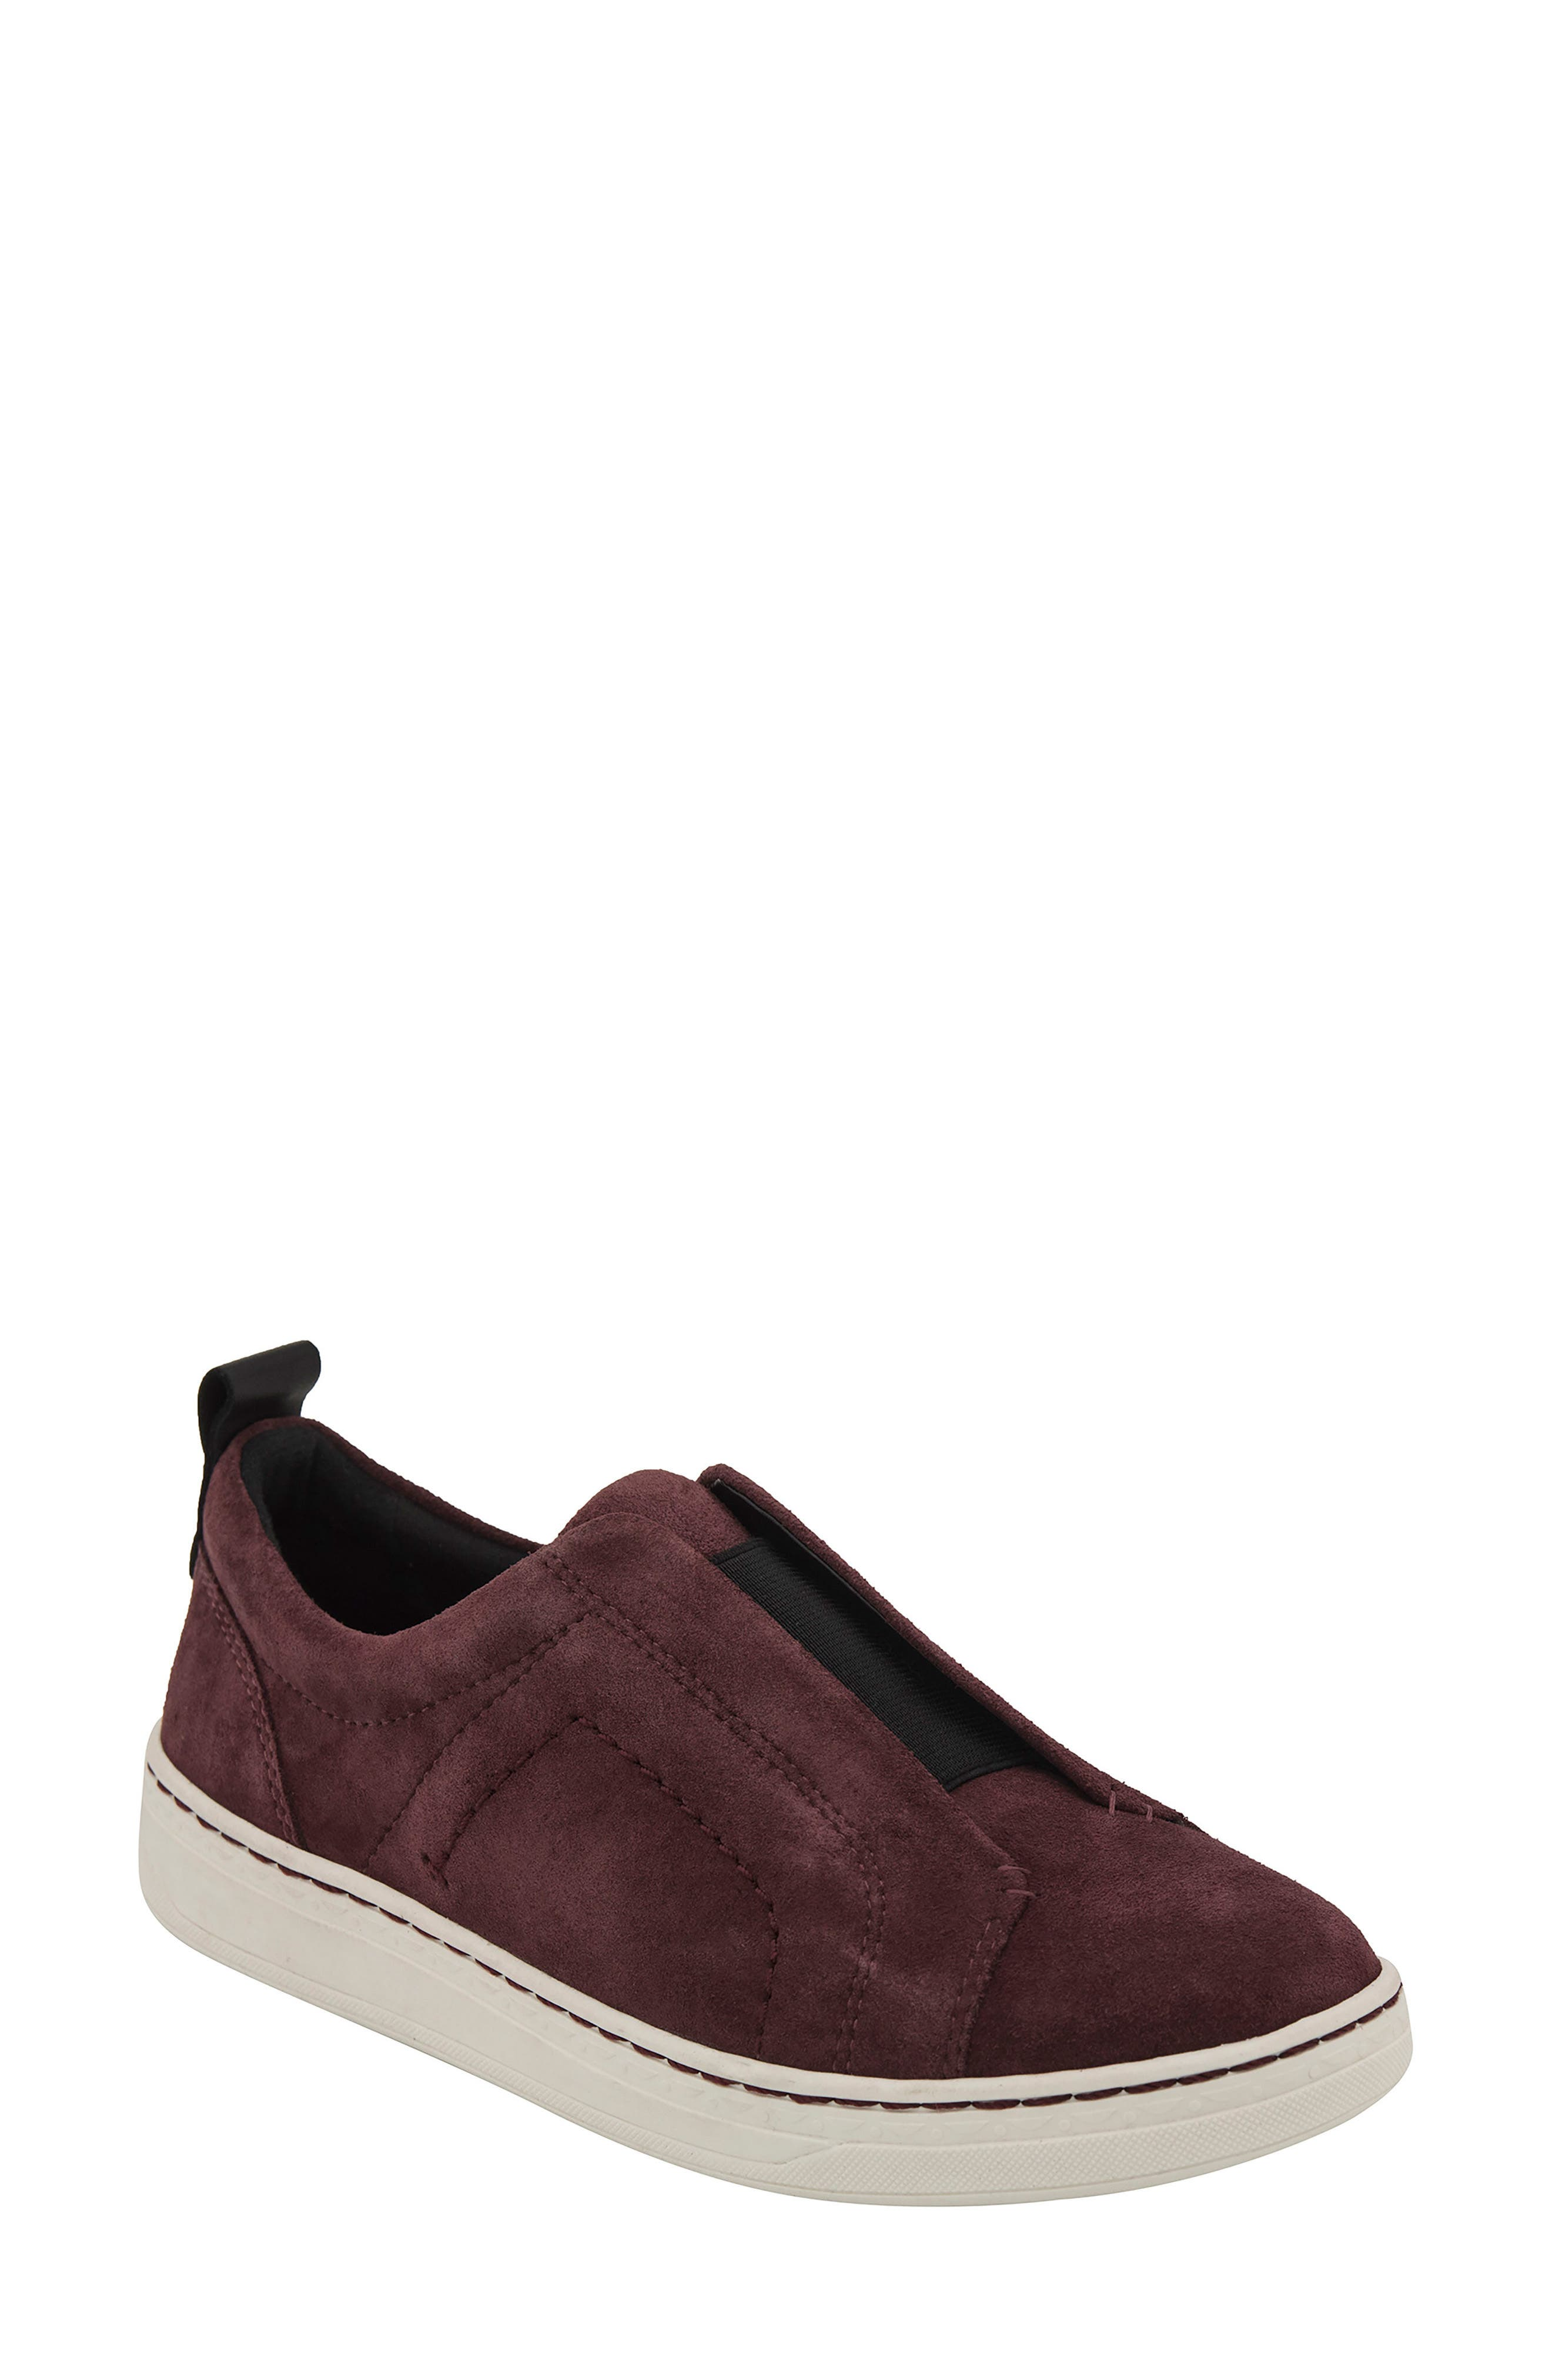 Zetta Slip-On Sneaker,                             Main thumbnail 3, color,